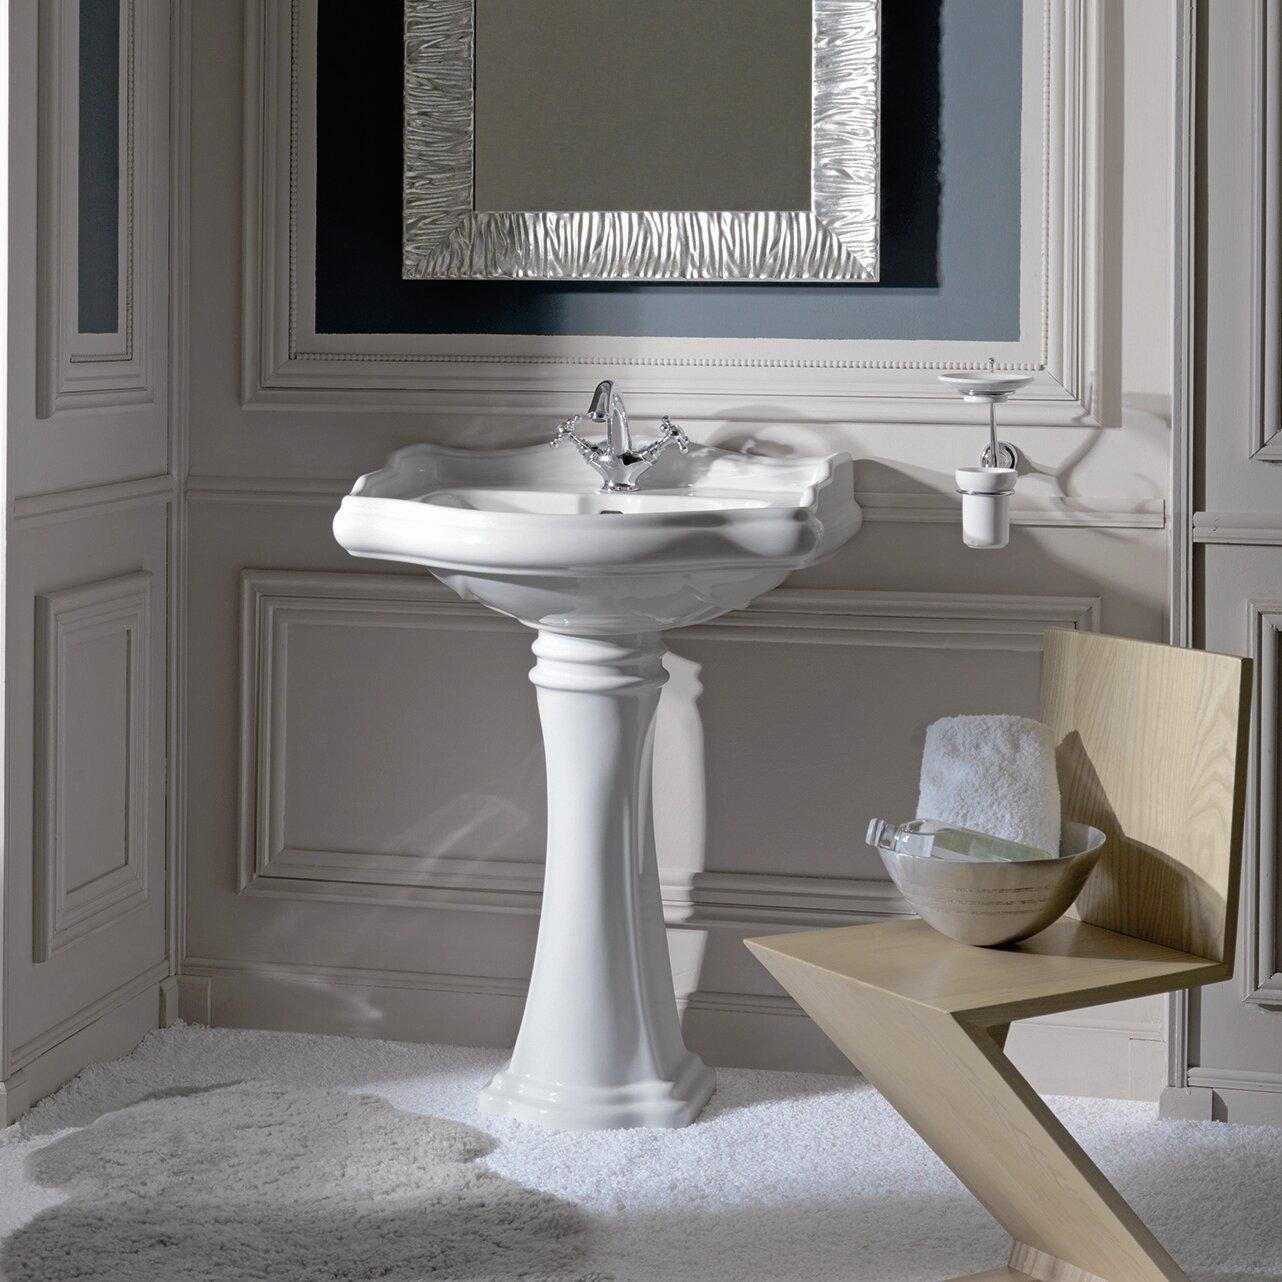 pedestal sinks you'll love | wayfair